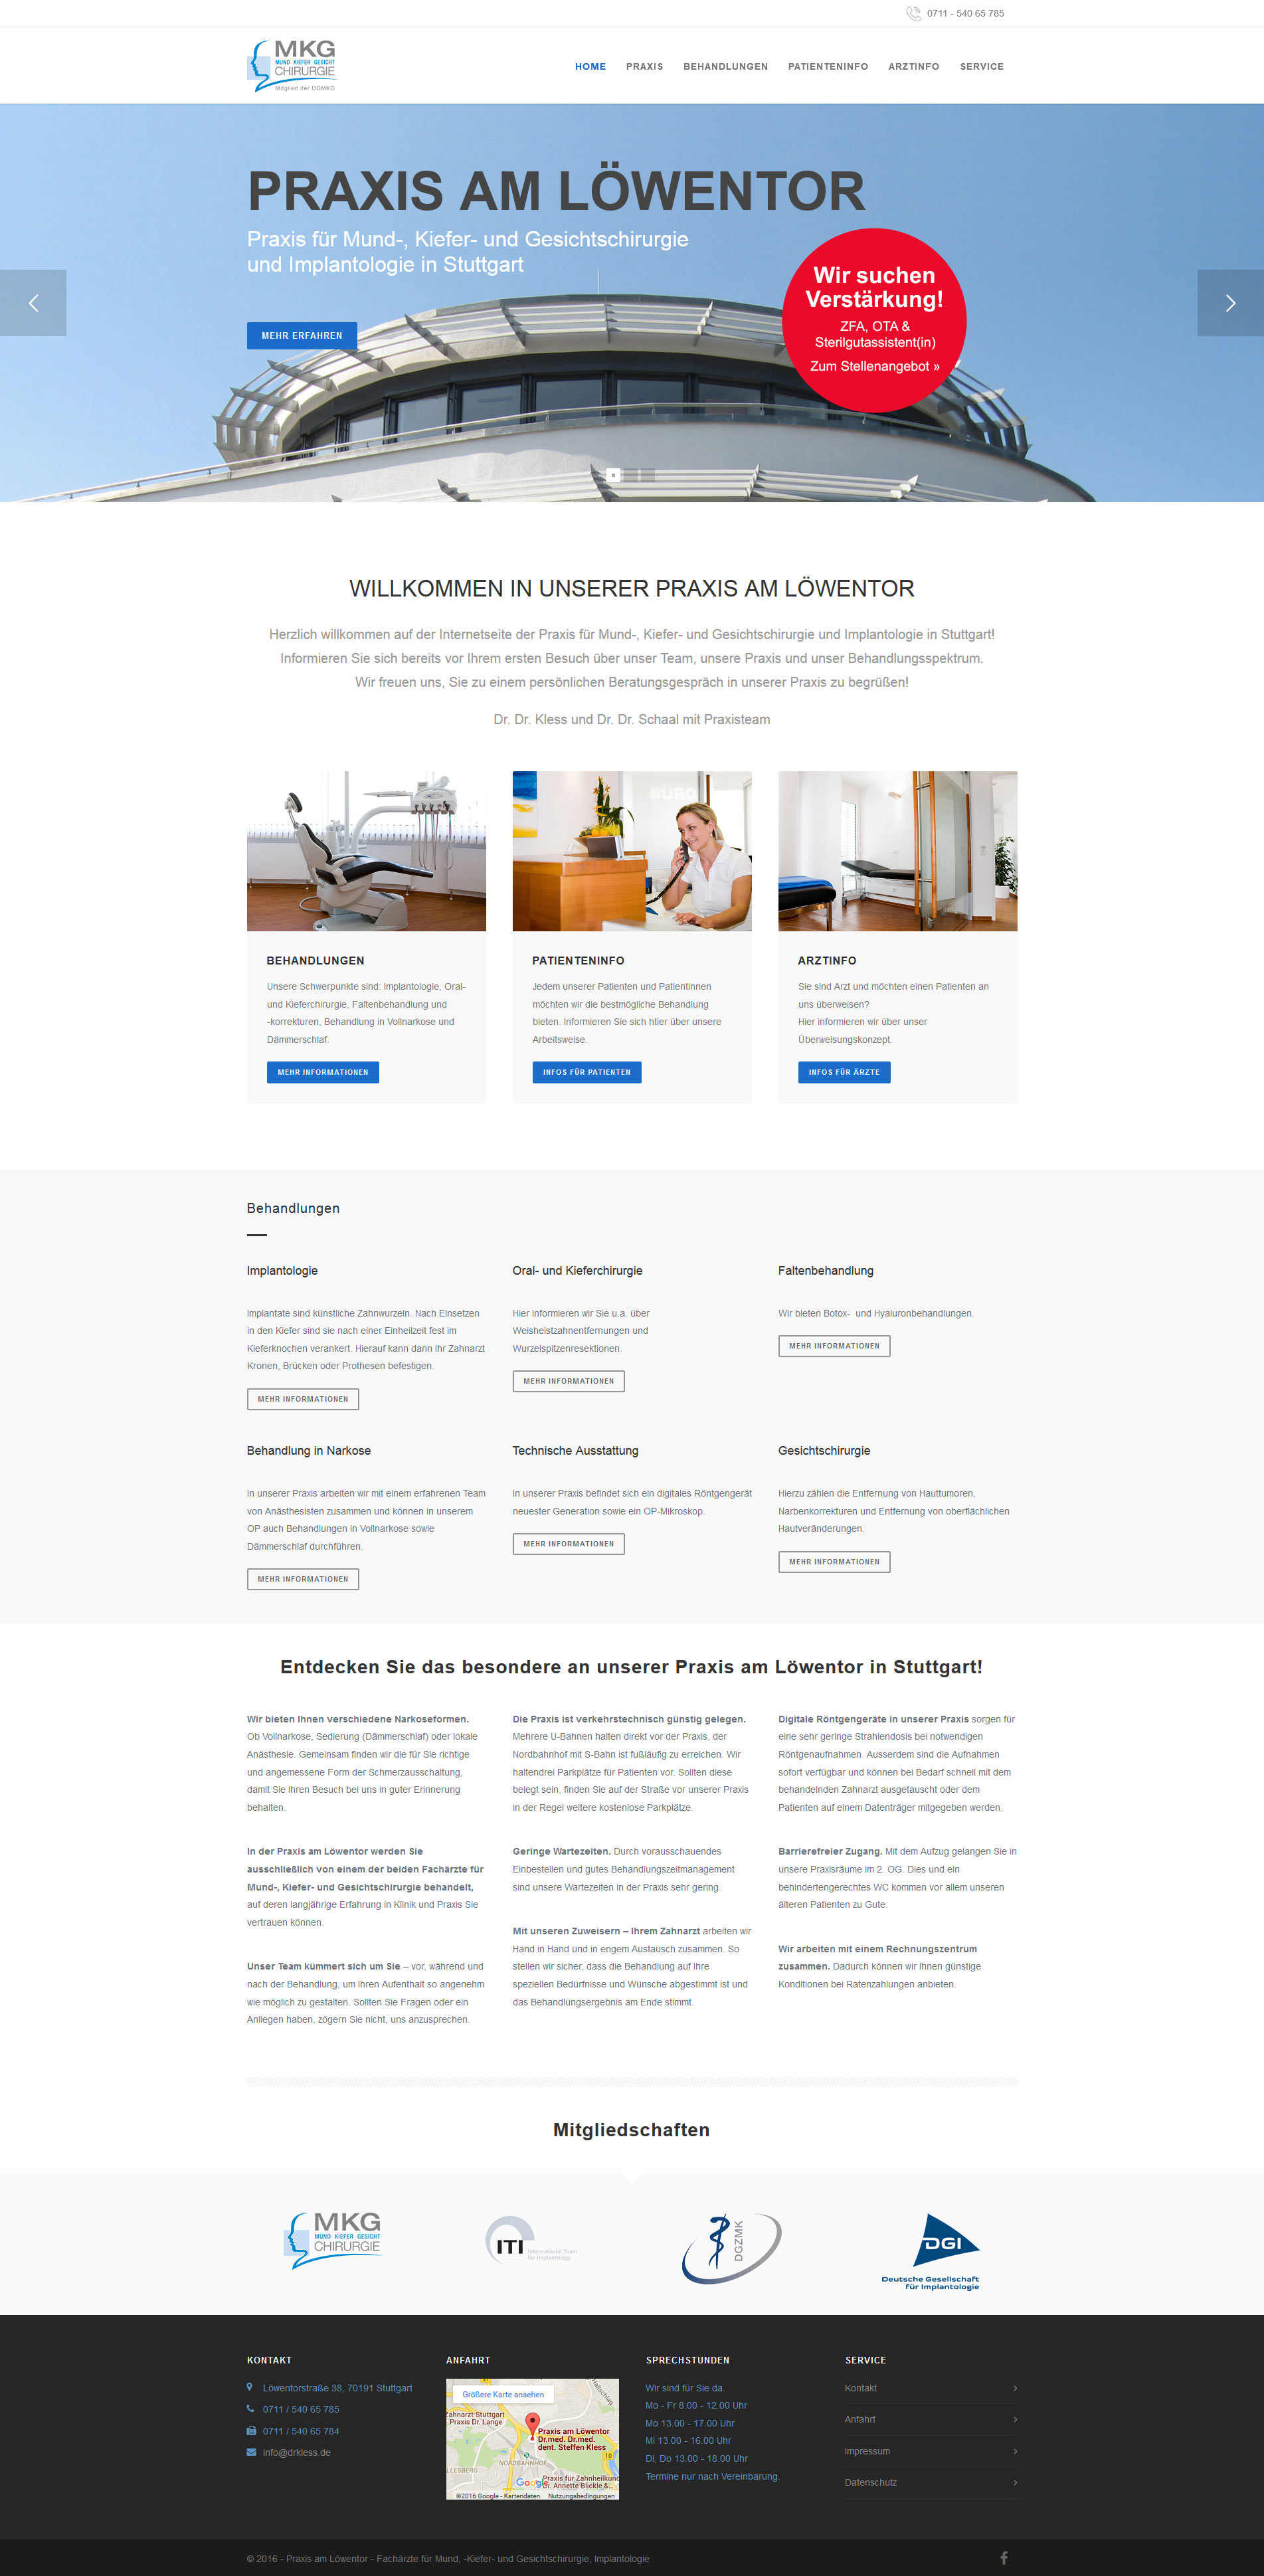 Praxiswebsite mobile Homepage Arztpraxis Website erstellen lassen